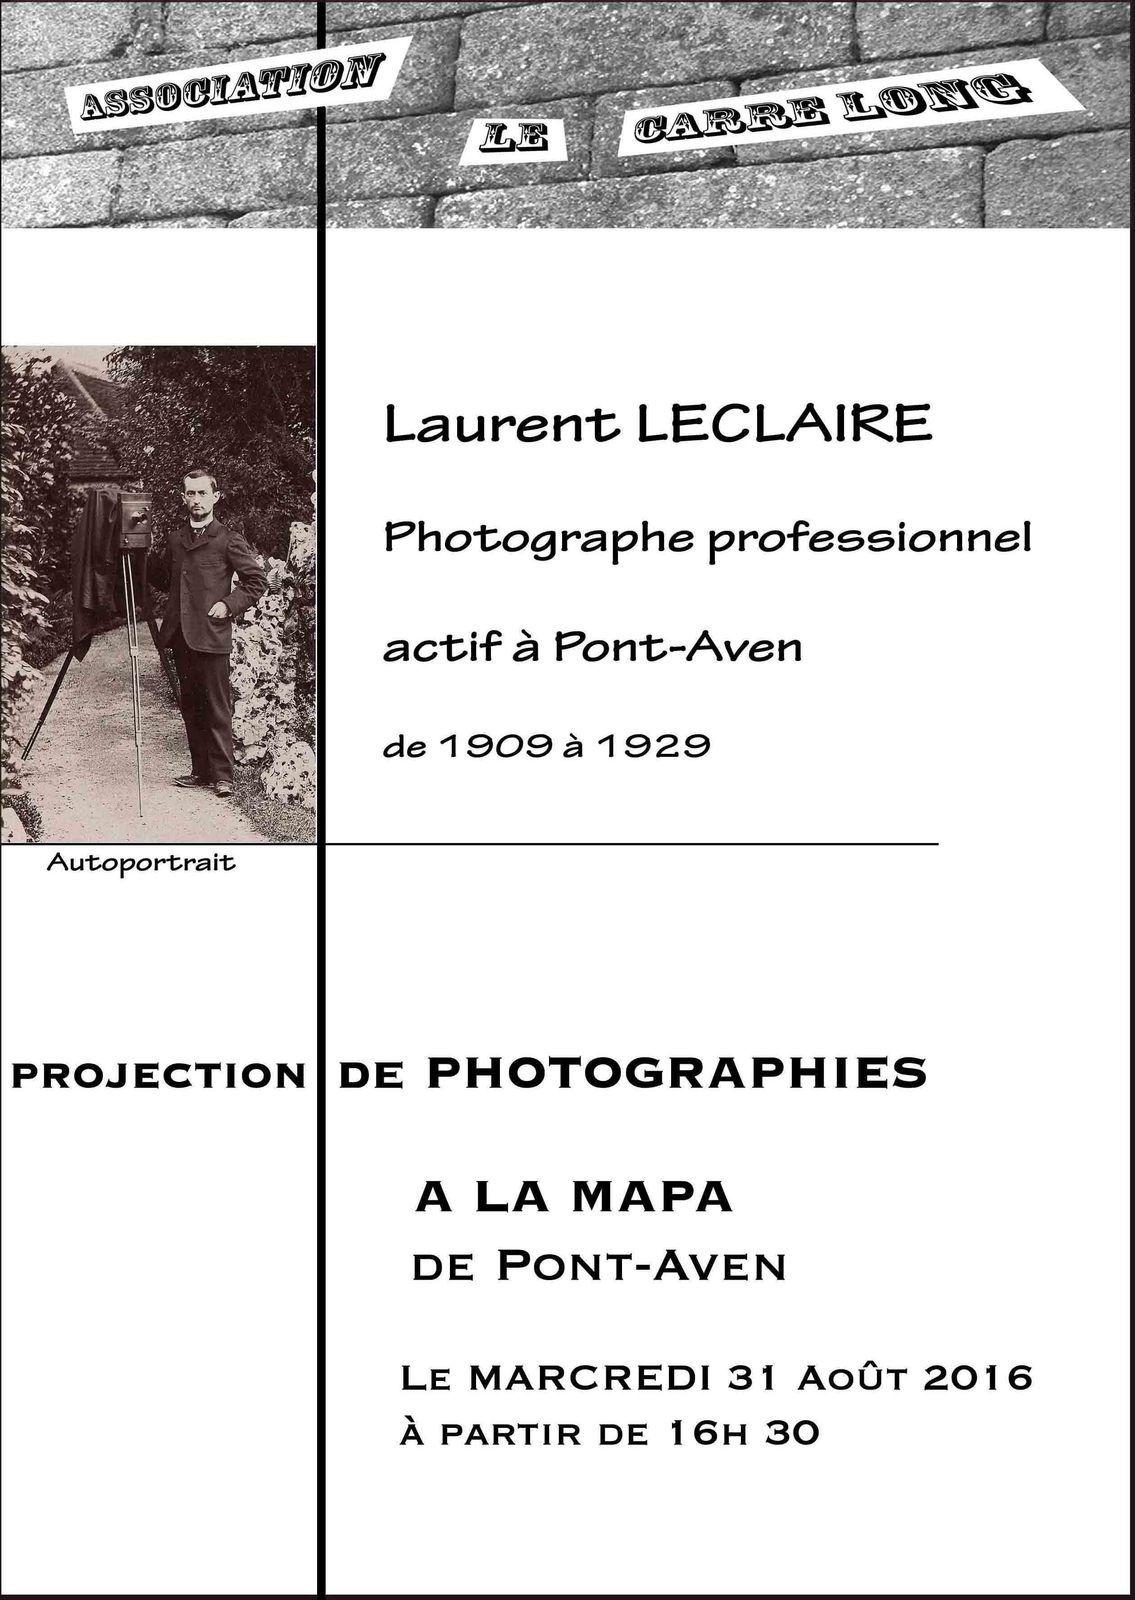 Annonce d'une nouvelle projection de photographies